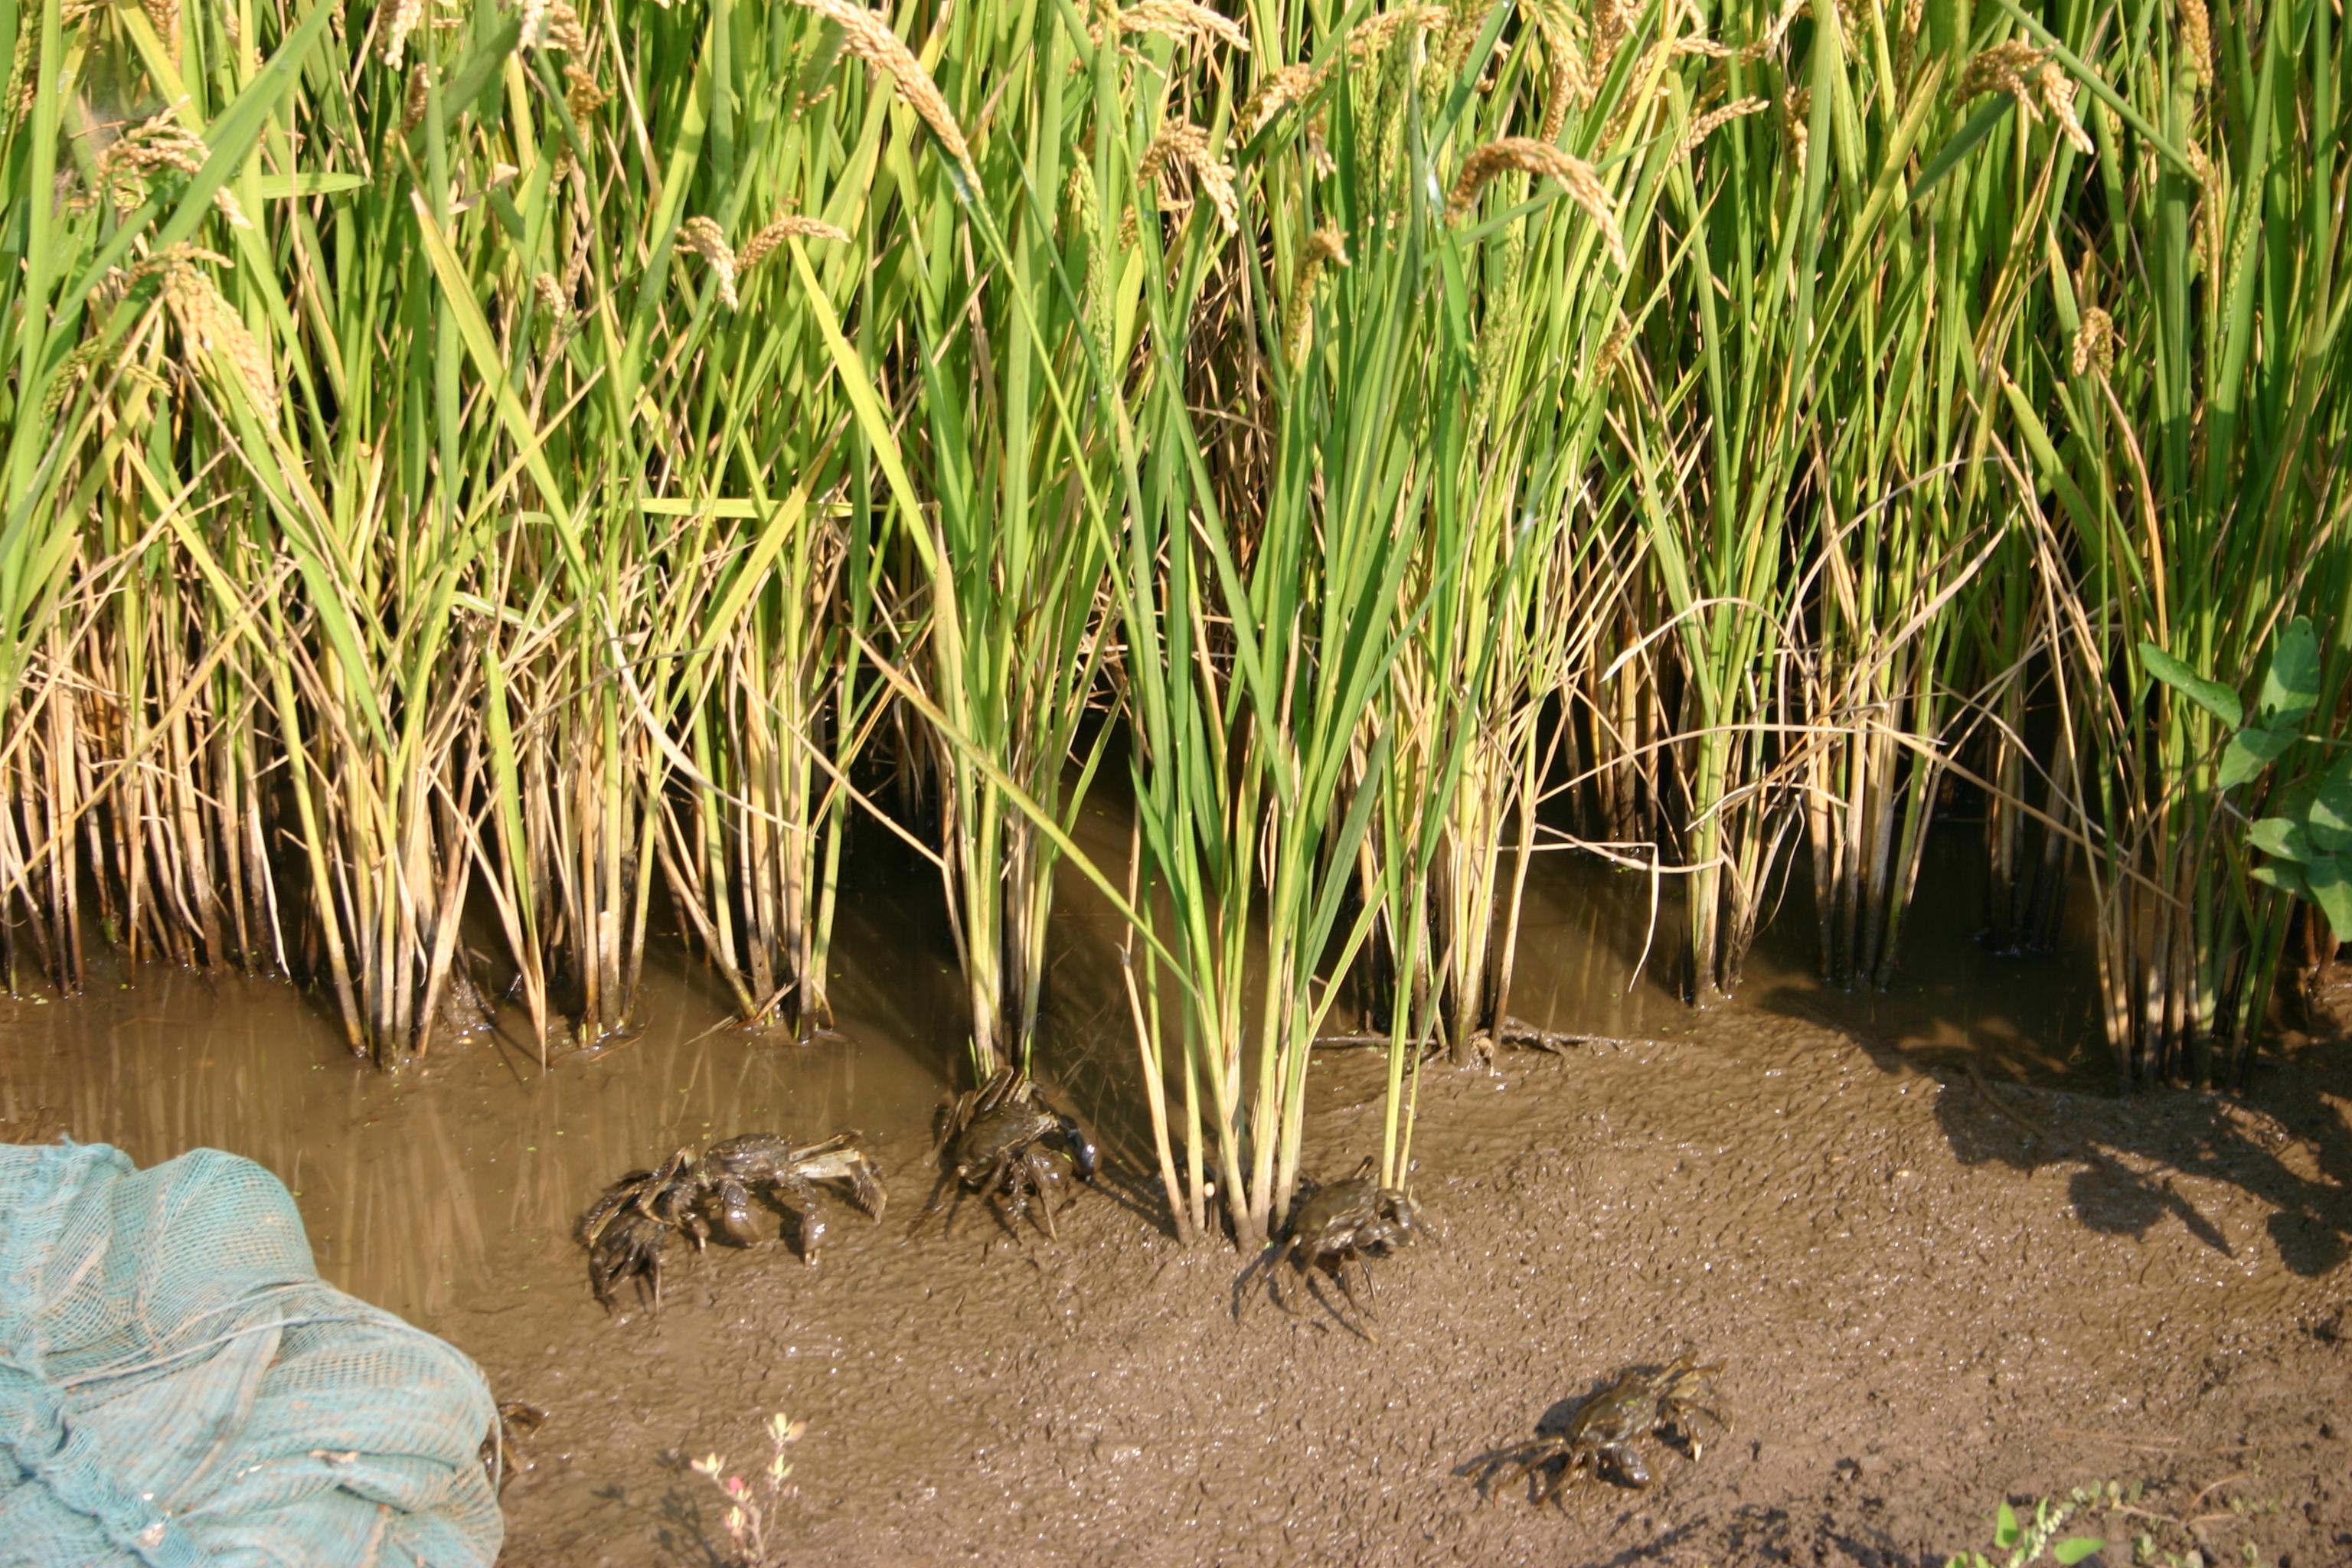 稻田陇间养螃蟹的致富经一亩地赚三十万